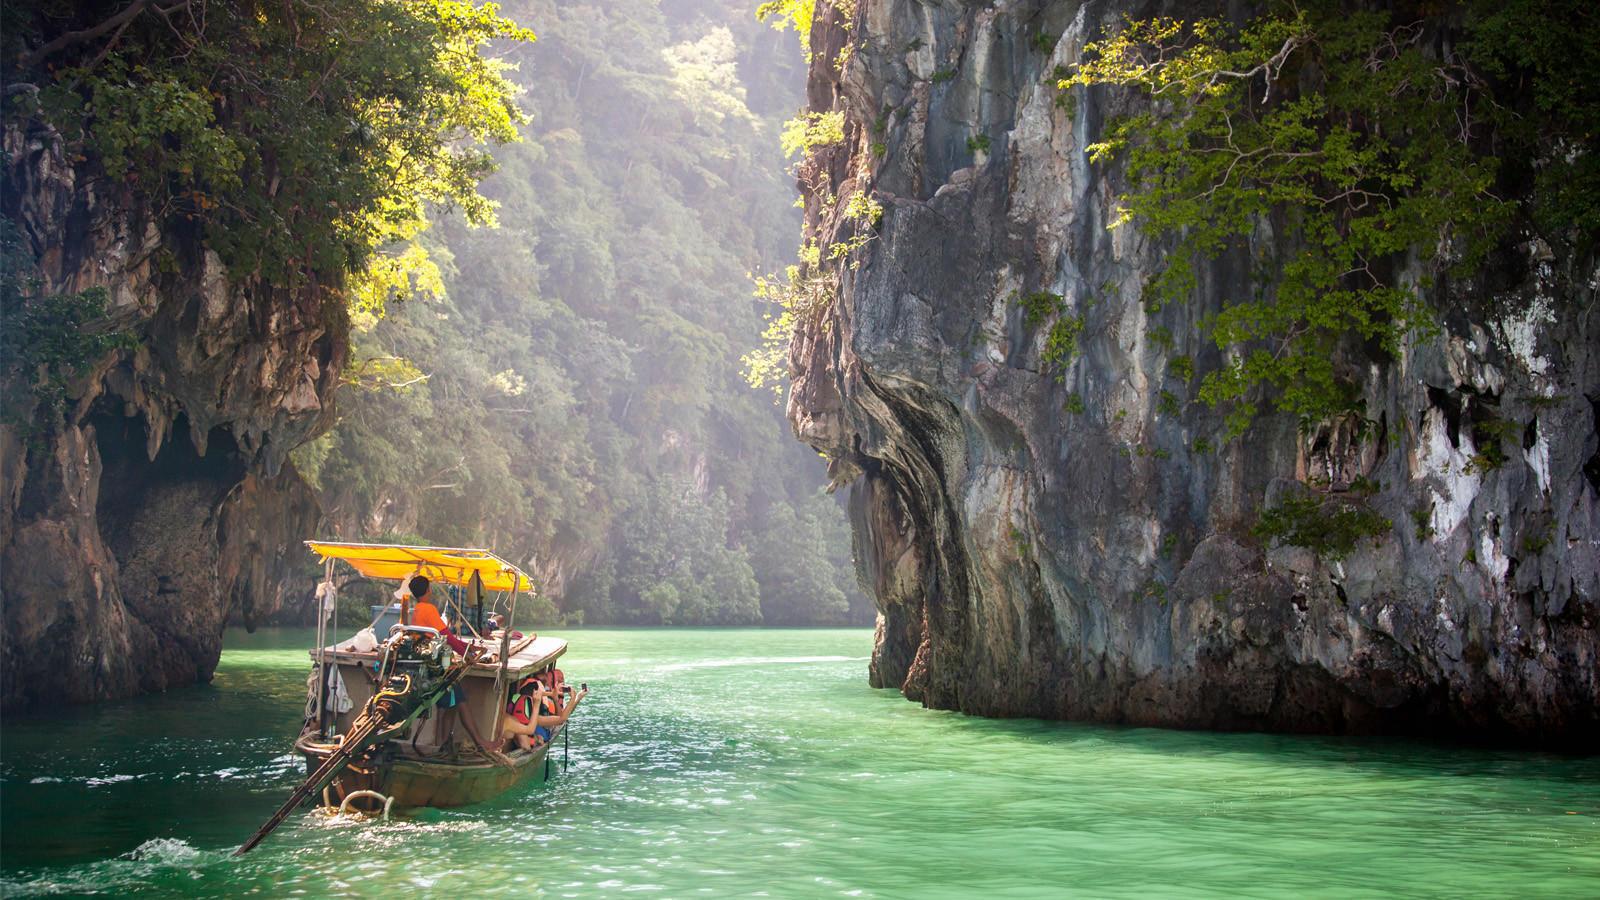 Αποτέλεσμα εικόνας για phuket thailand